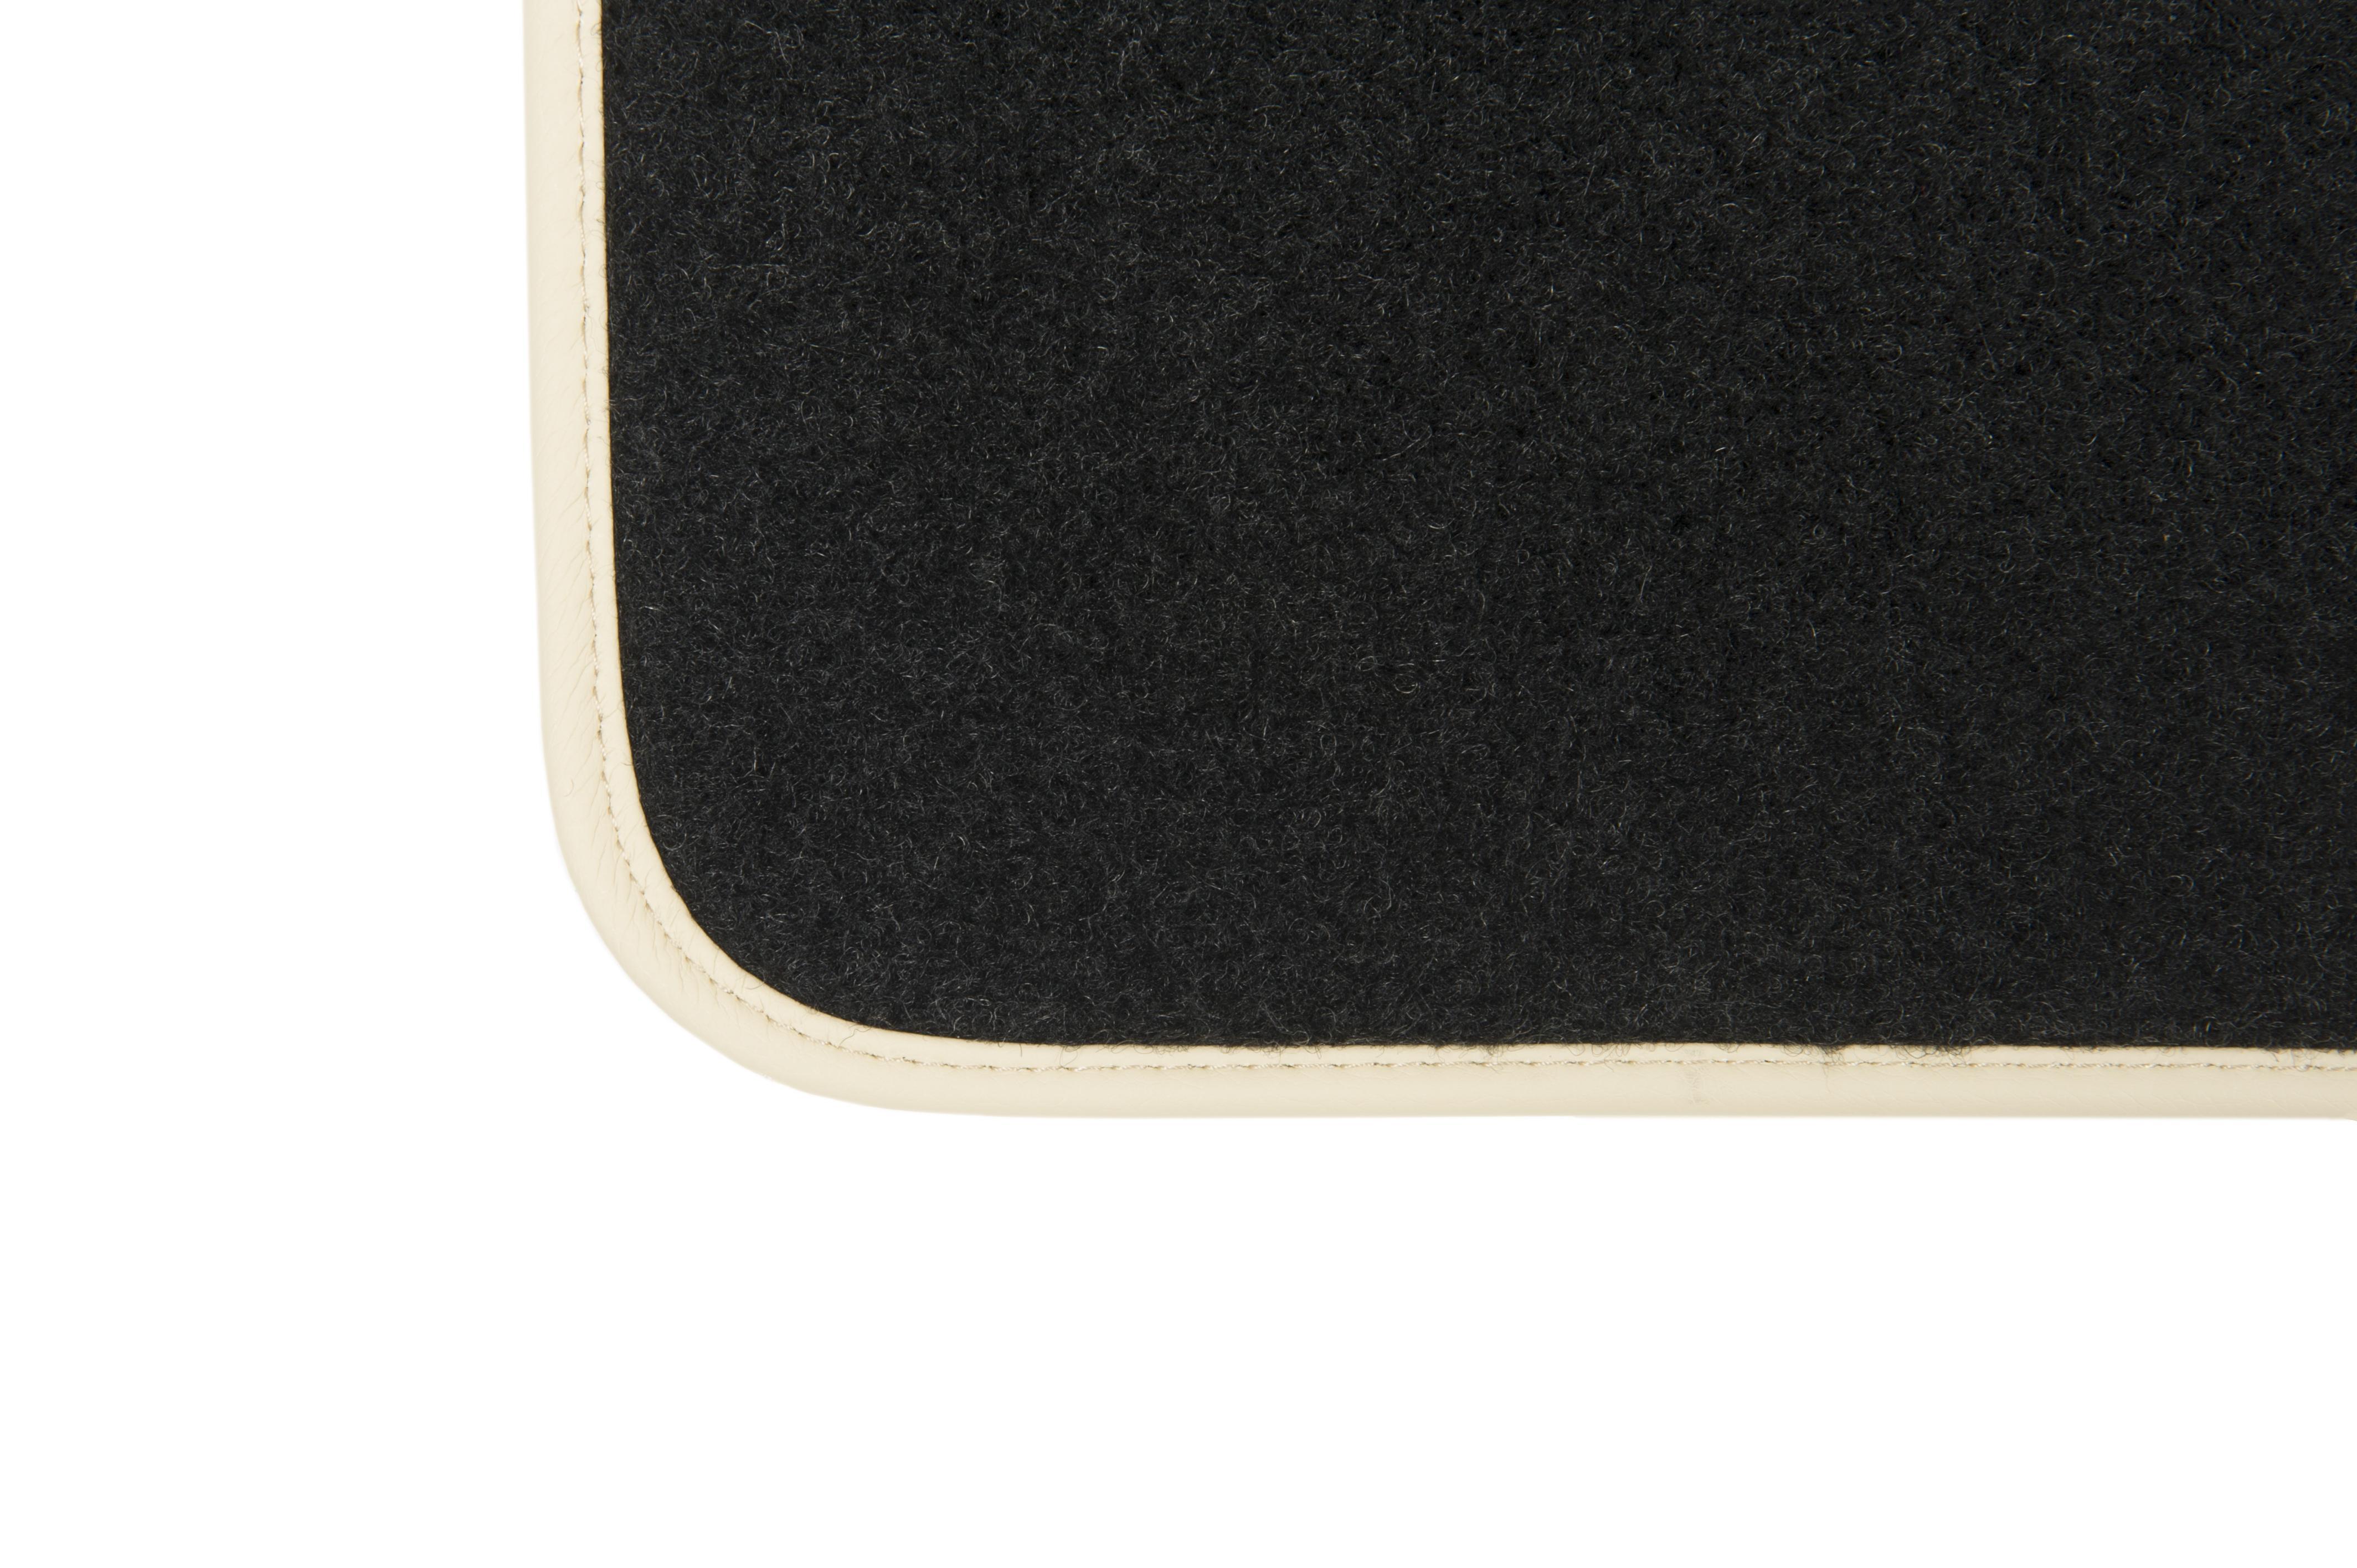 01765762 Ensemble de tapis de sol DBS 01765762 - Enorme sélection — fortement réduit